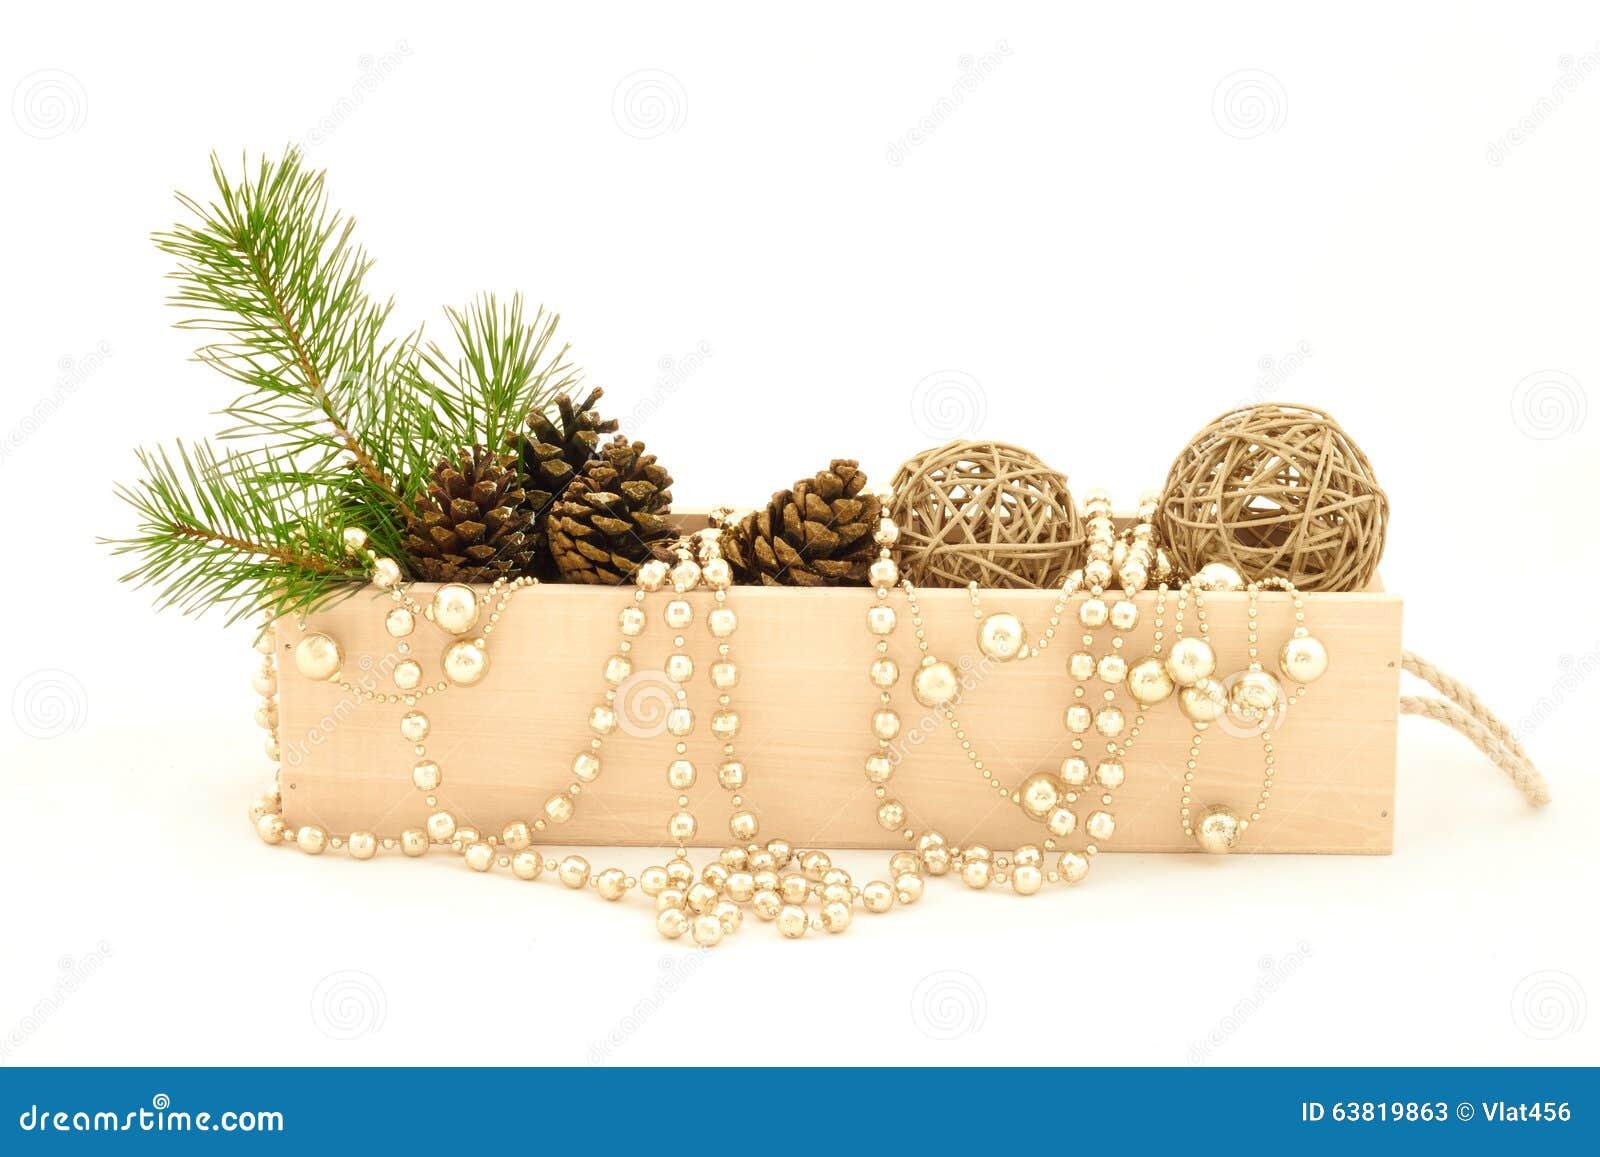 Drewniany pudełko z gałąź, rożkami i dekoracjami sosny,